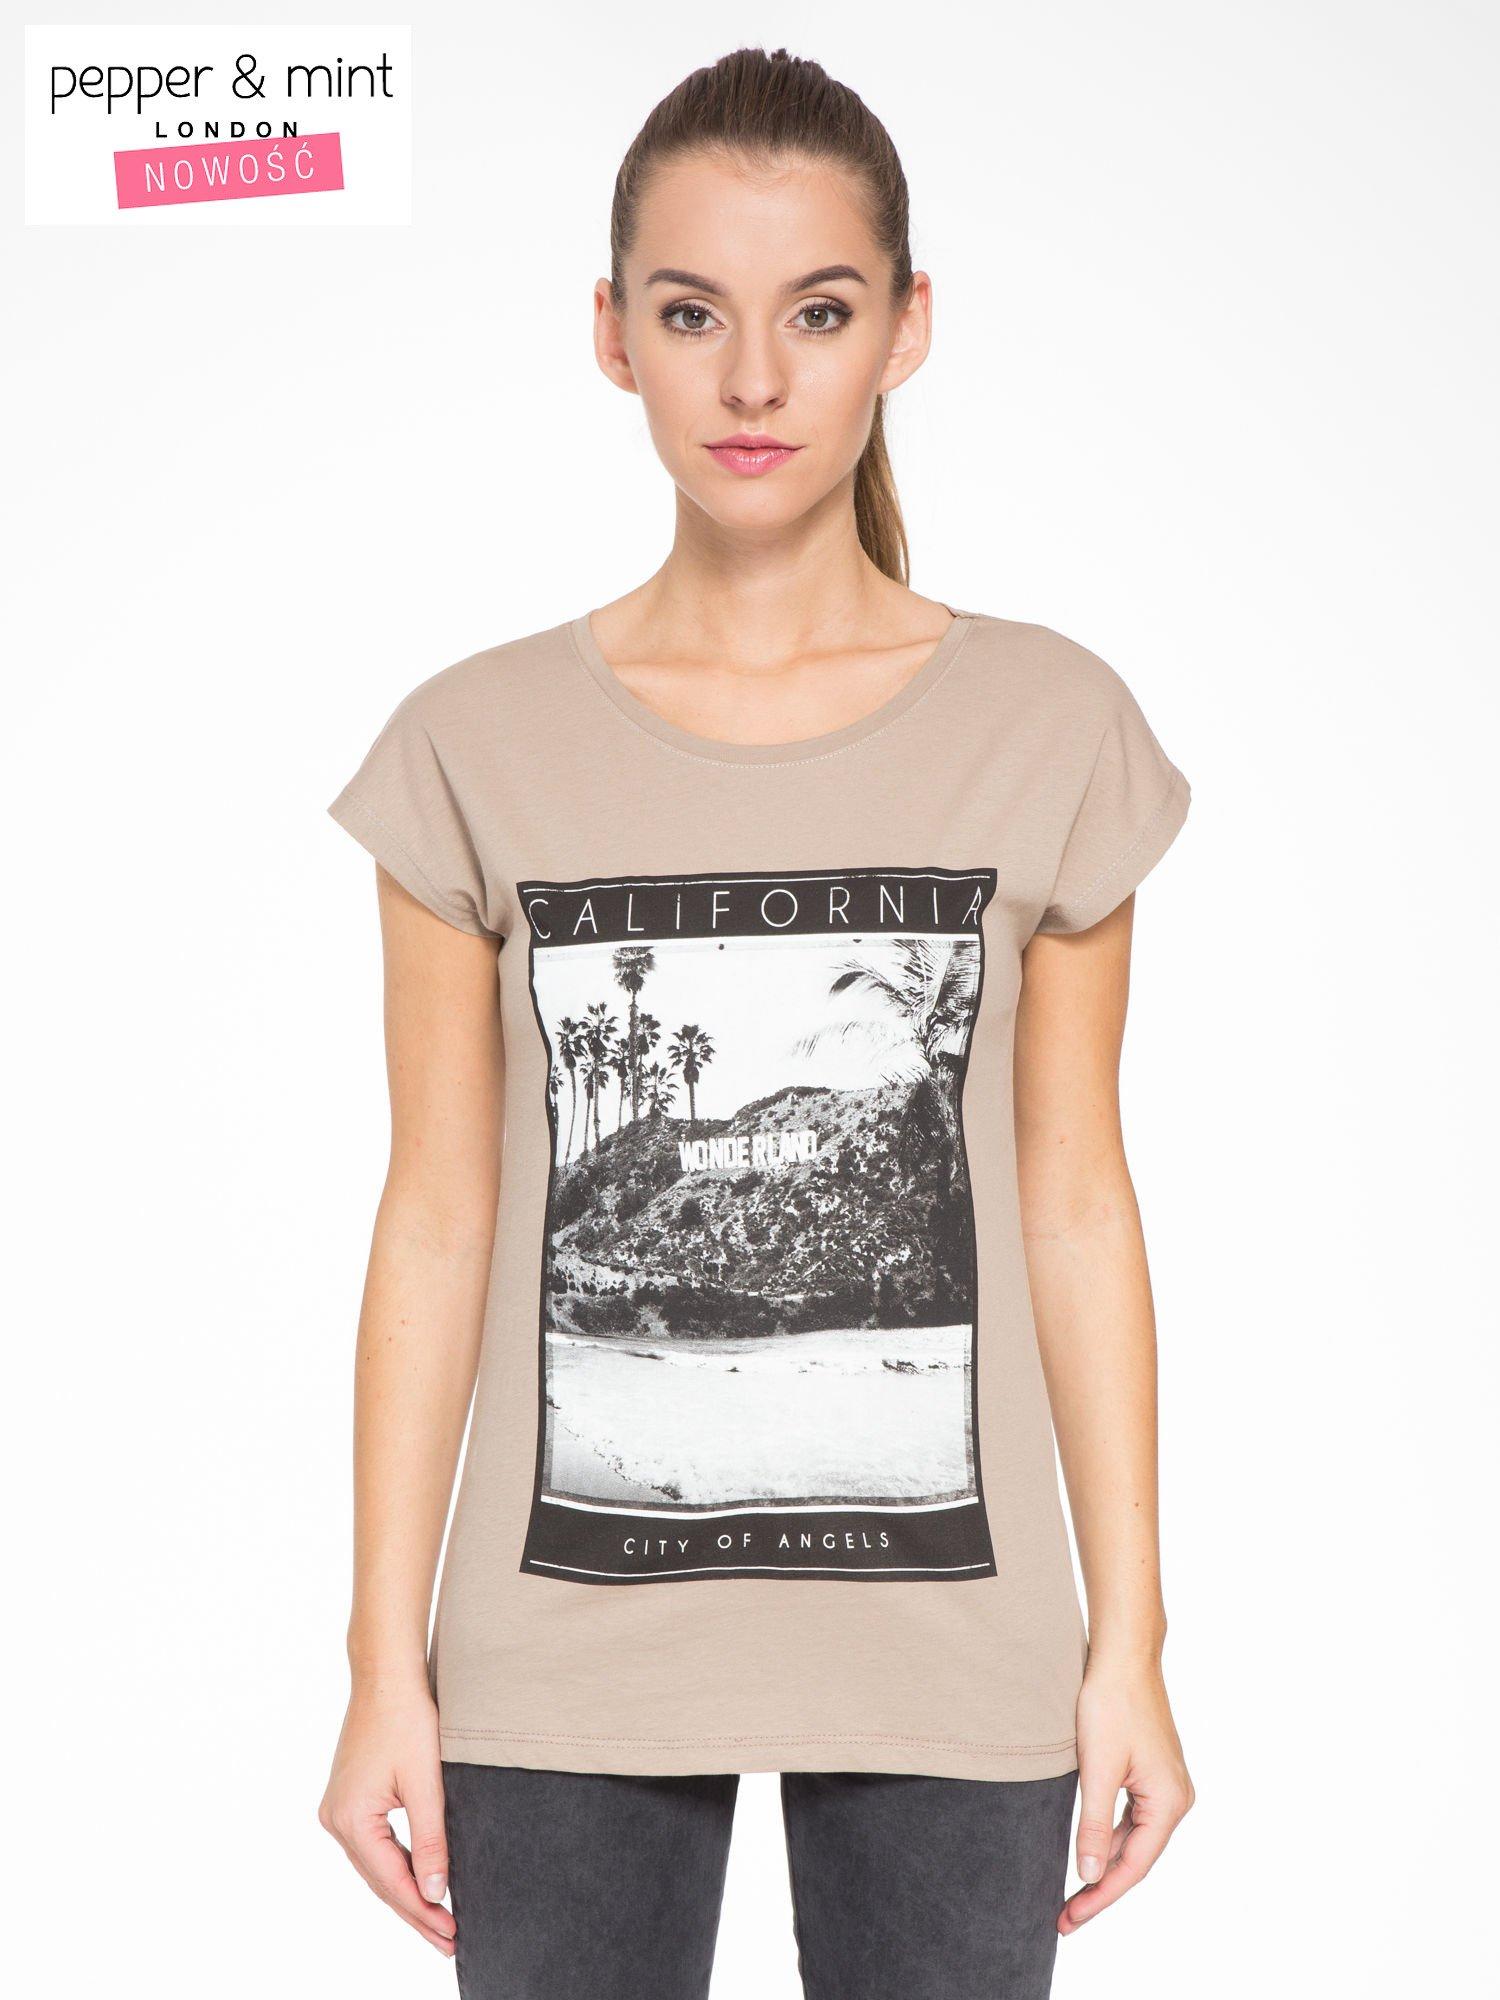 Jasnobrązowy t-shirt z nadrukiem CALIFORNIA                                  zdj.                                  1